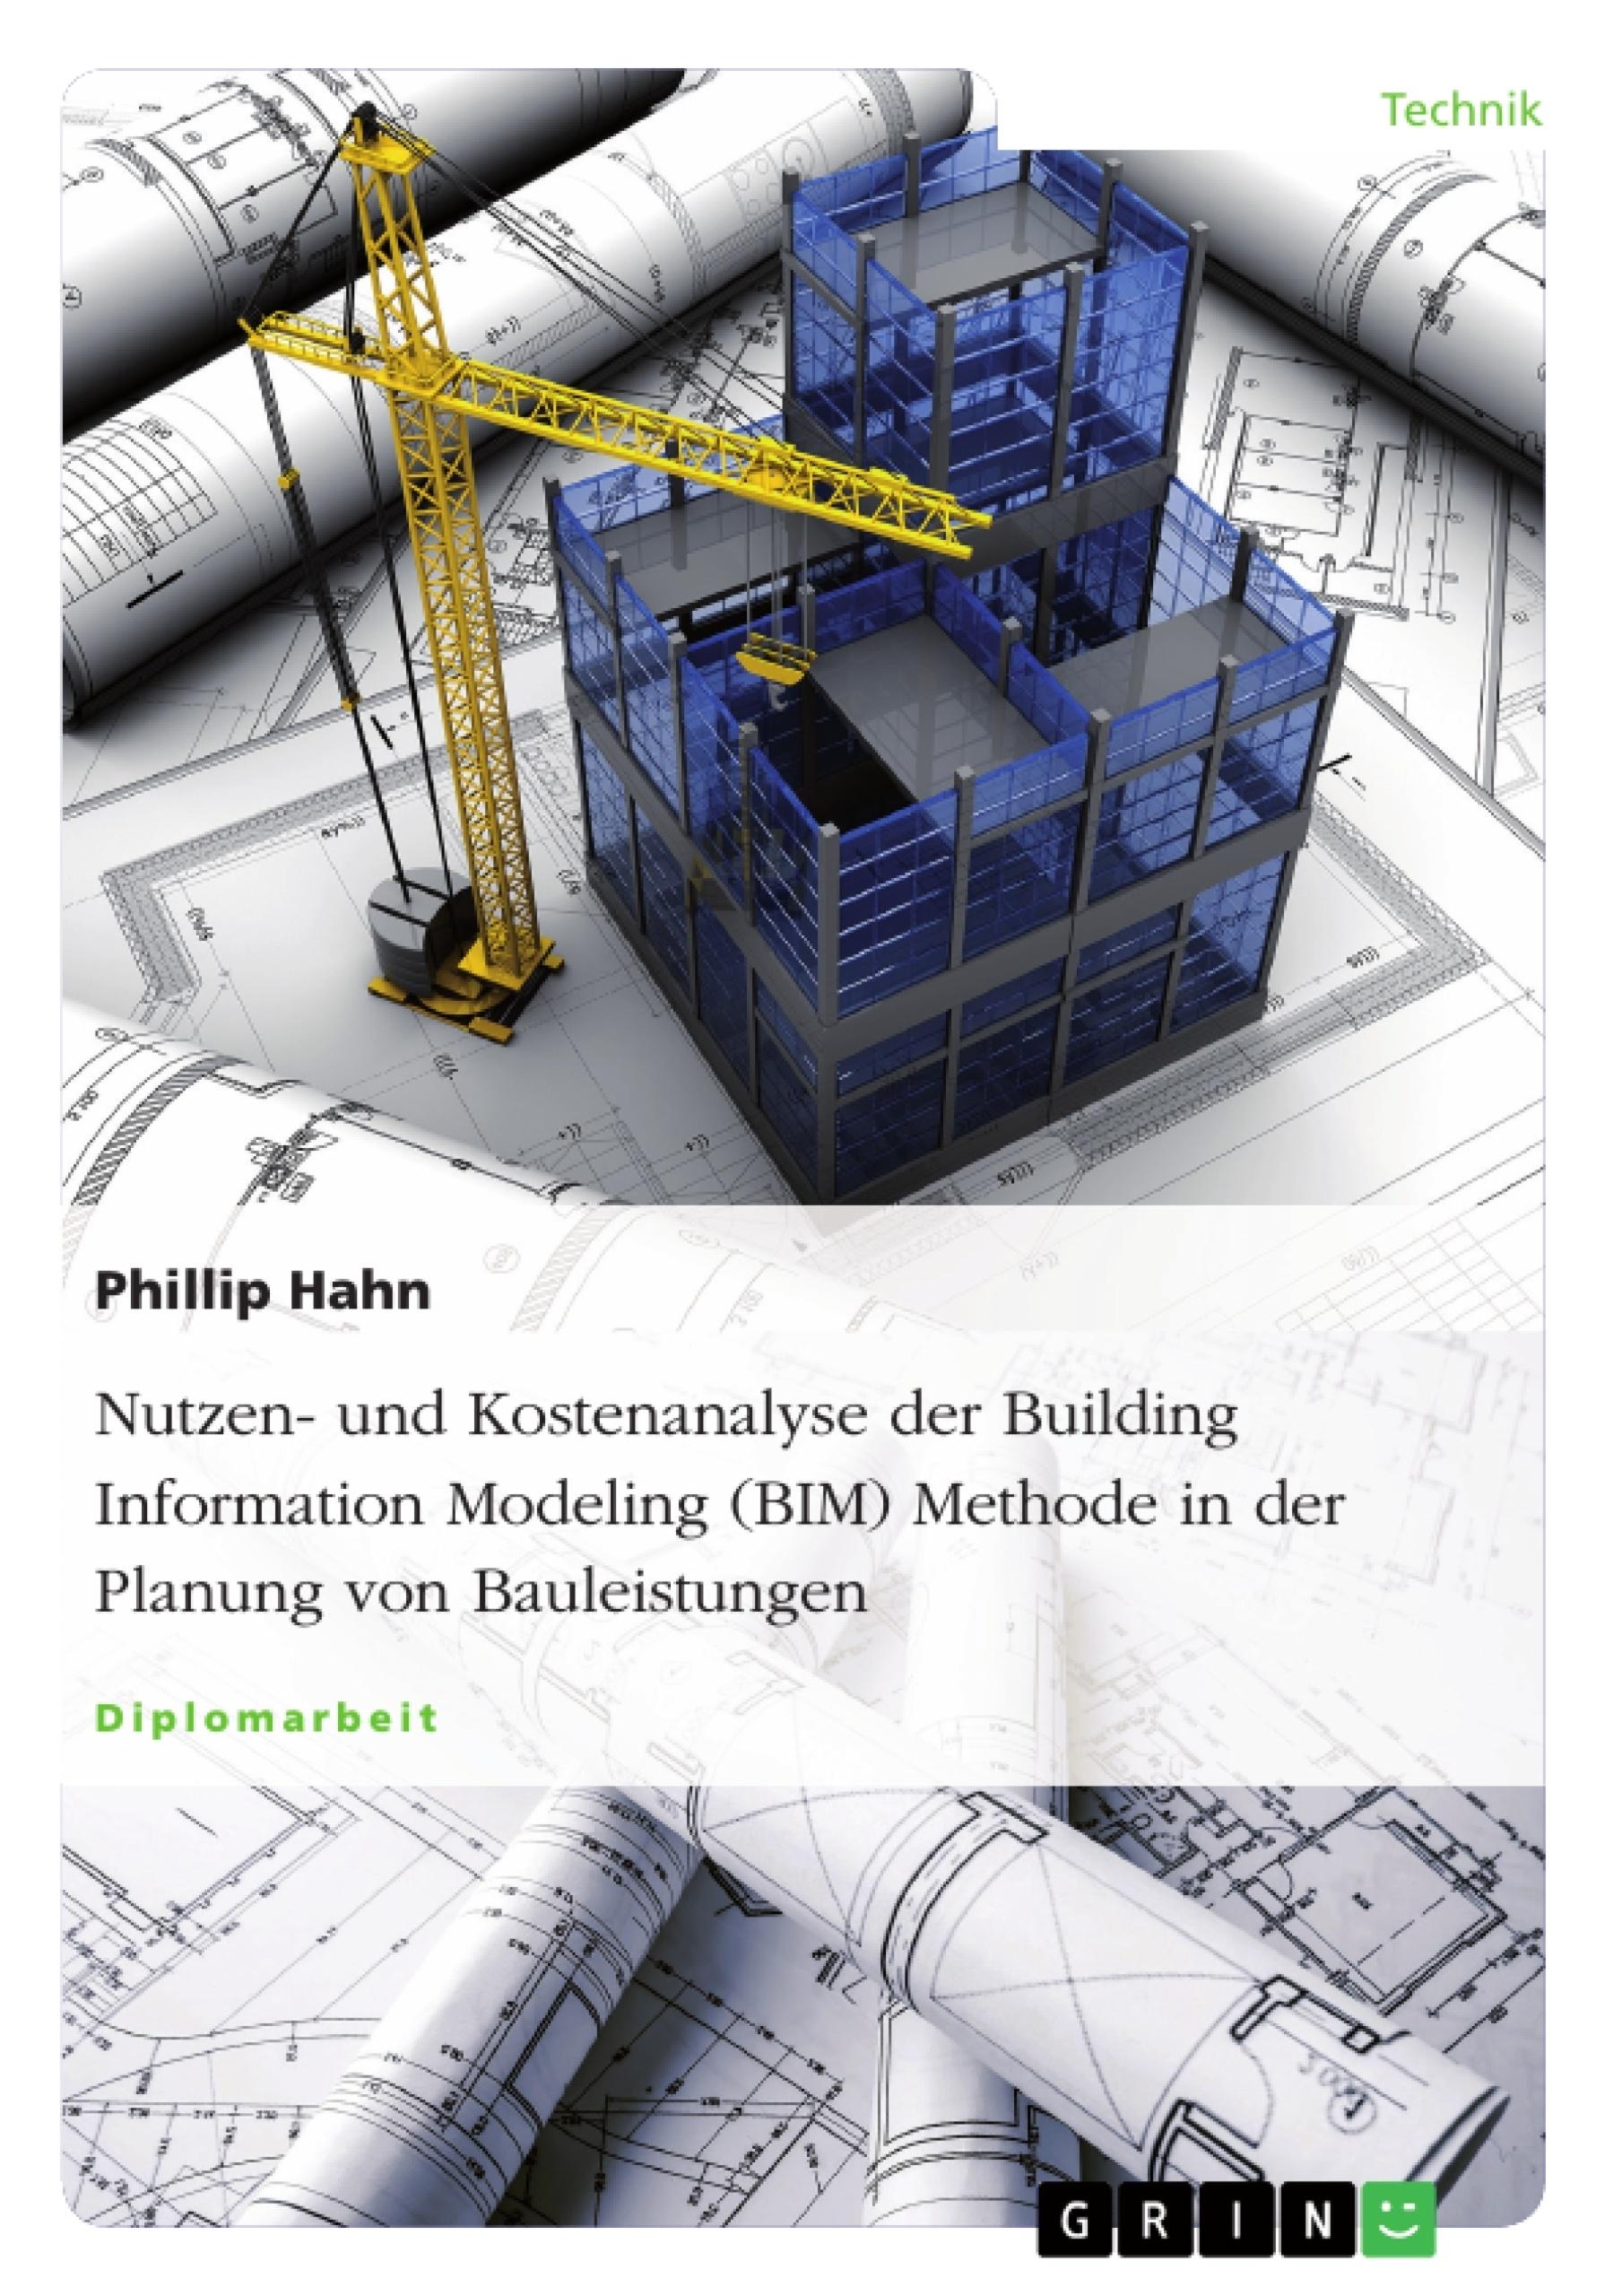 Titel: Nutzen- und Kostenanalyse der Building Information Modeling (BIM) Methode in der Planung von Bauleistungen